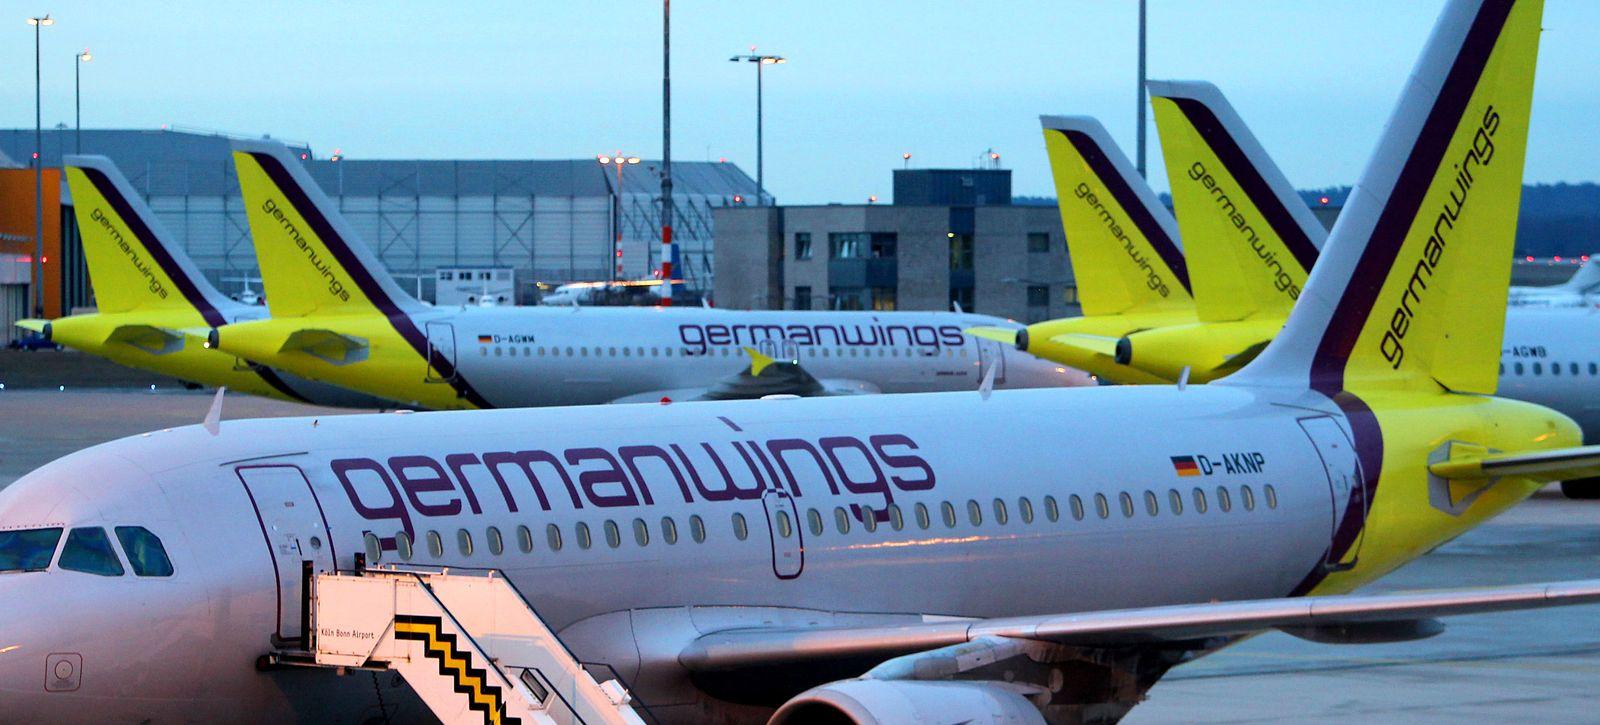 Lufthansa will Marke Germanwings sterben lassen